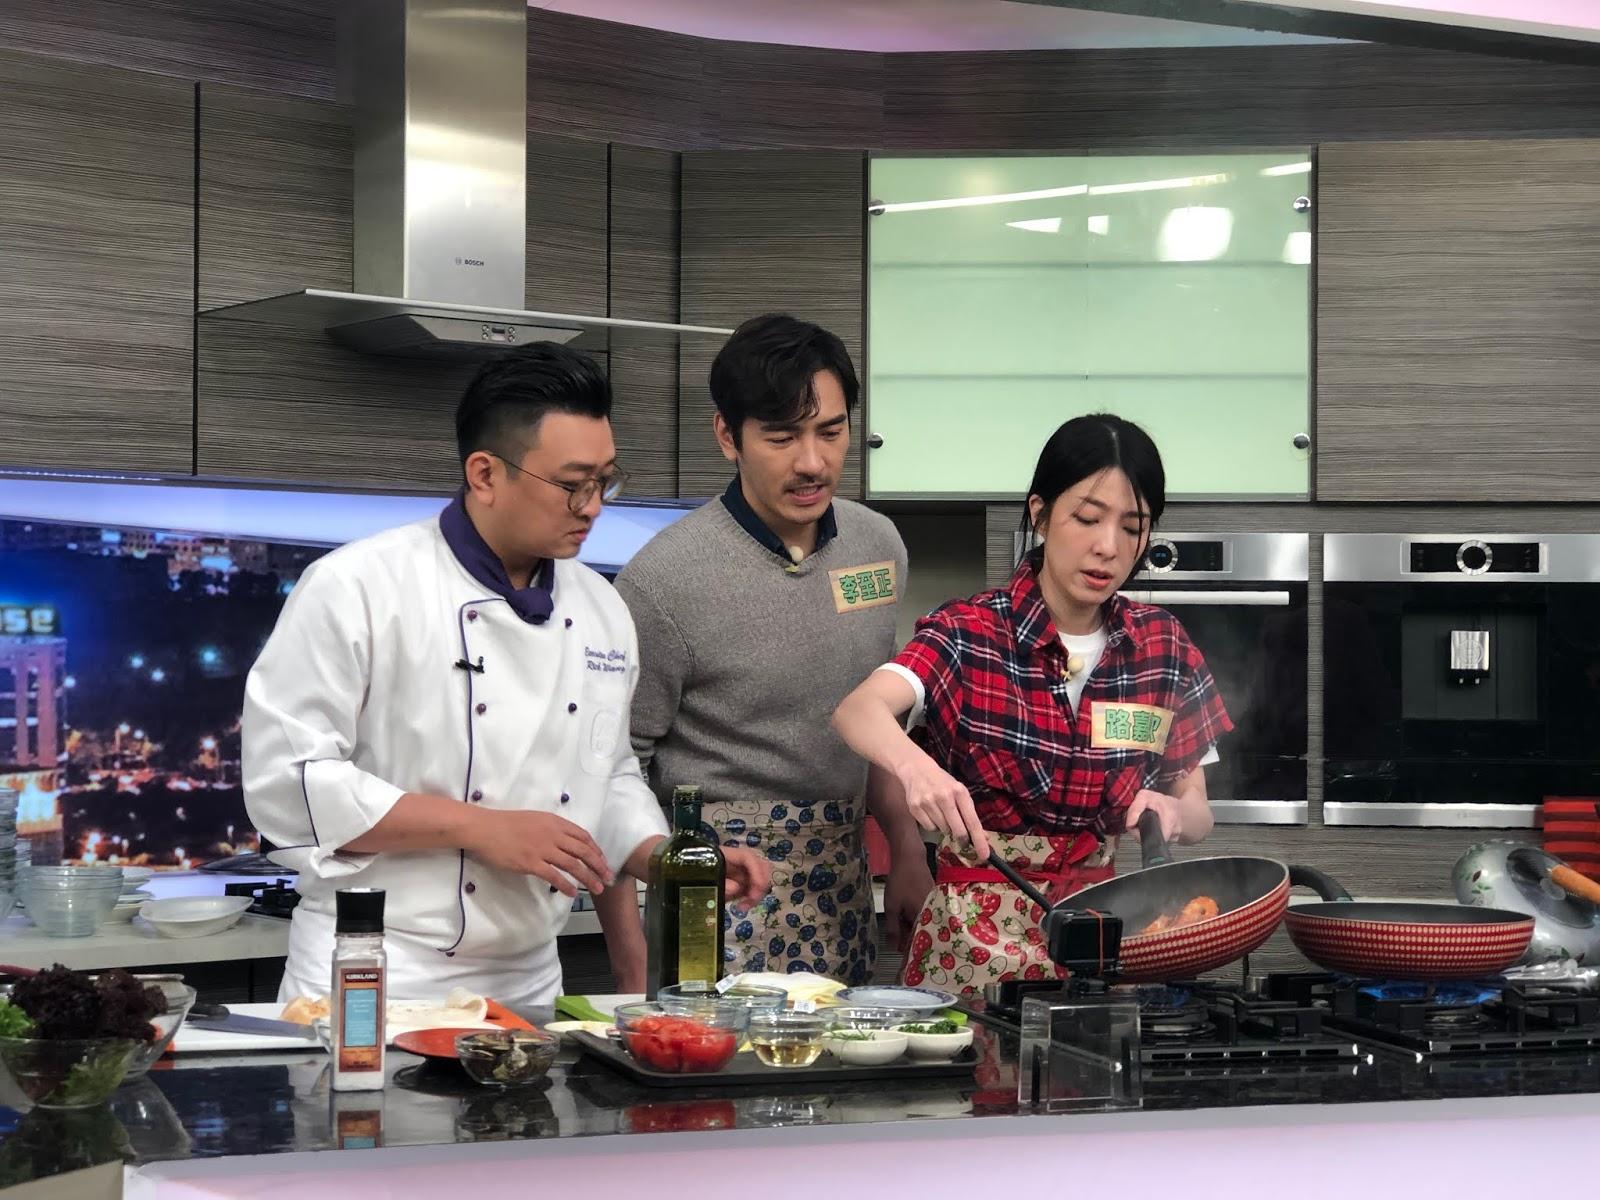 李至正,路嘉欣秀廚藝宣傳《黯夜》 比賽前先向媽媽求救 - WoWoNews